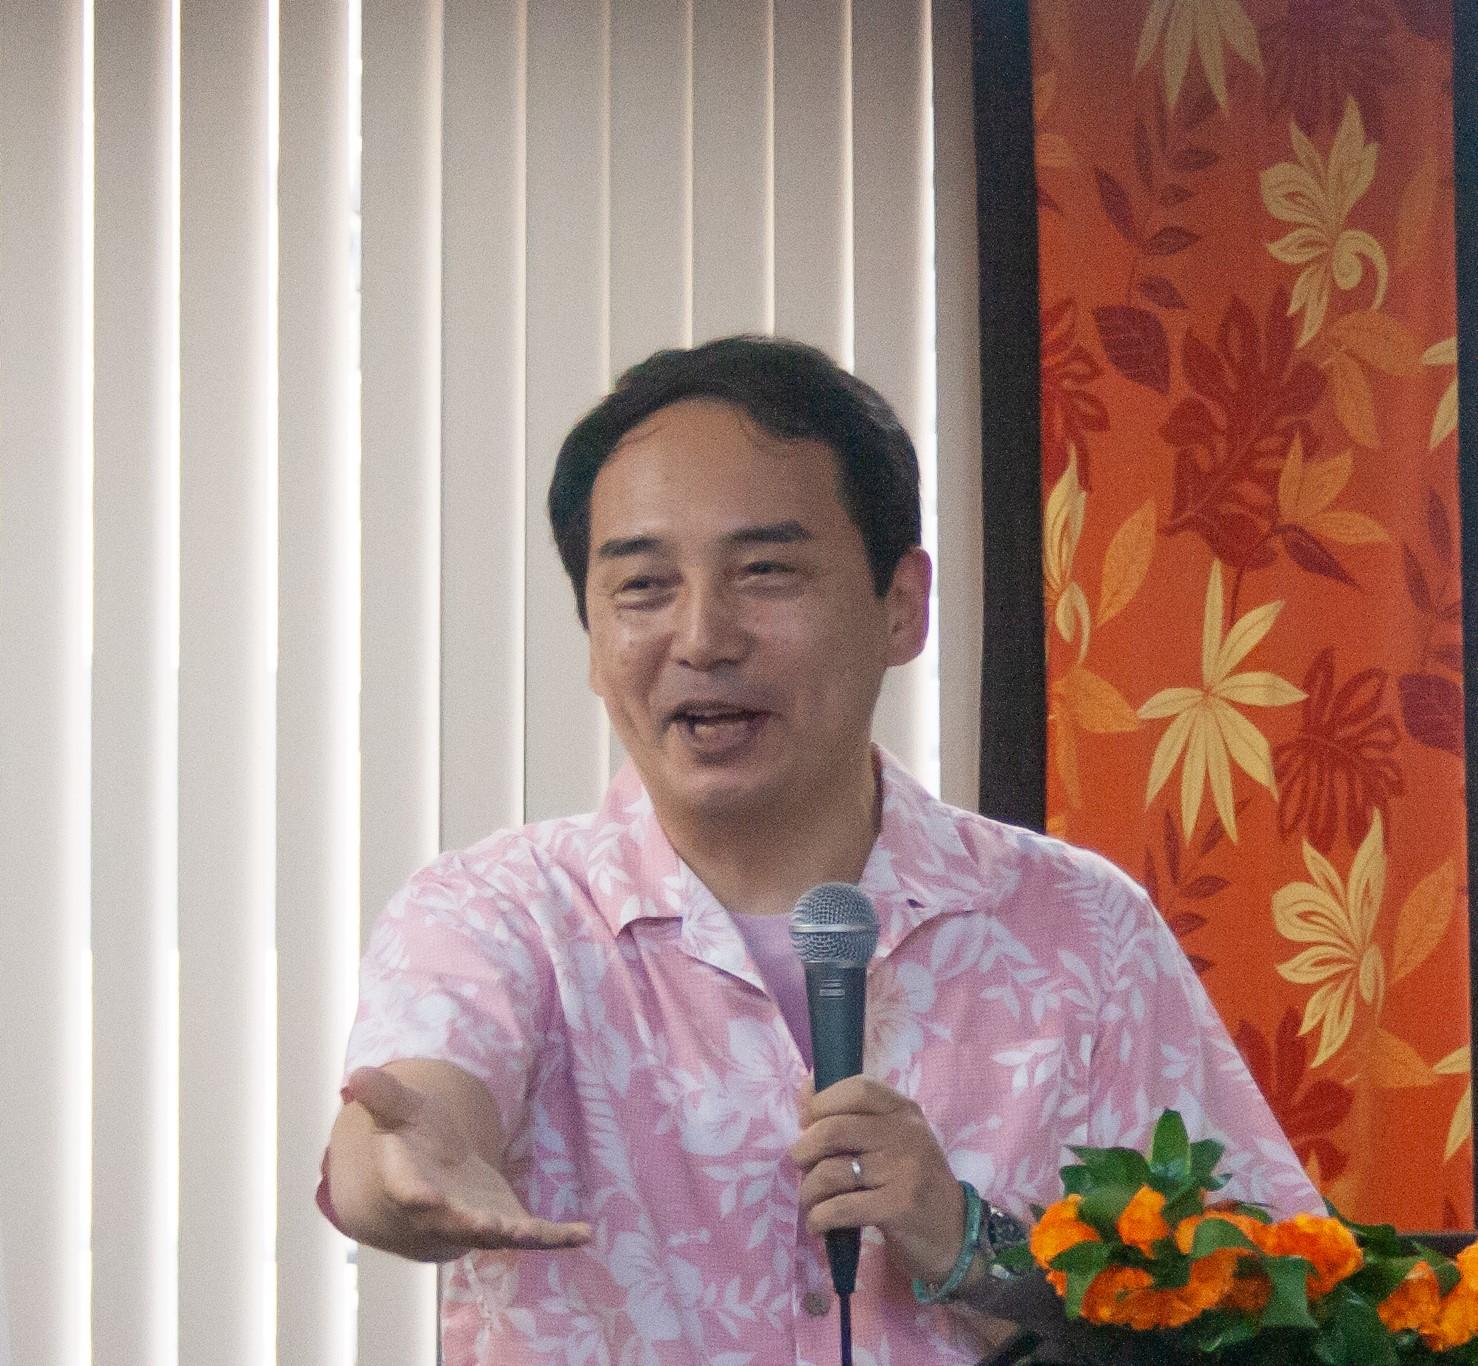 Masao Tsumugi